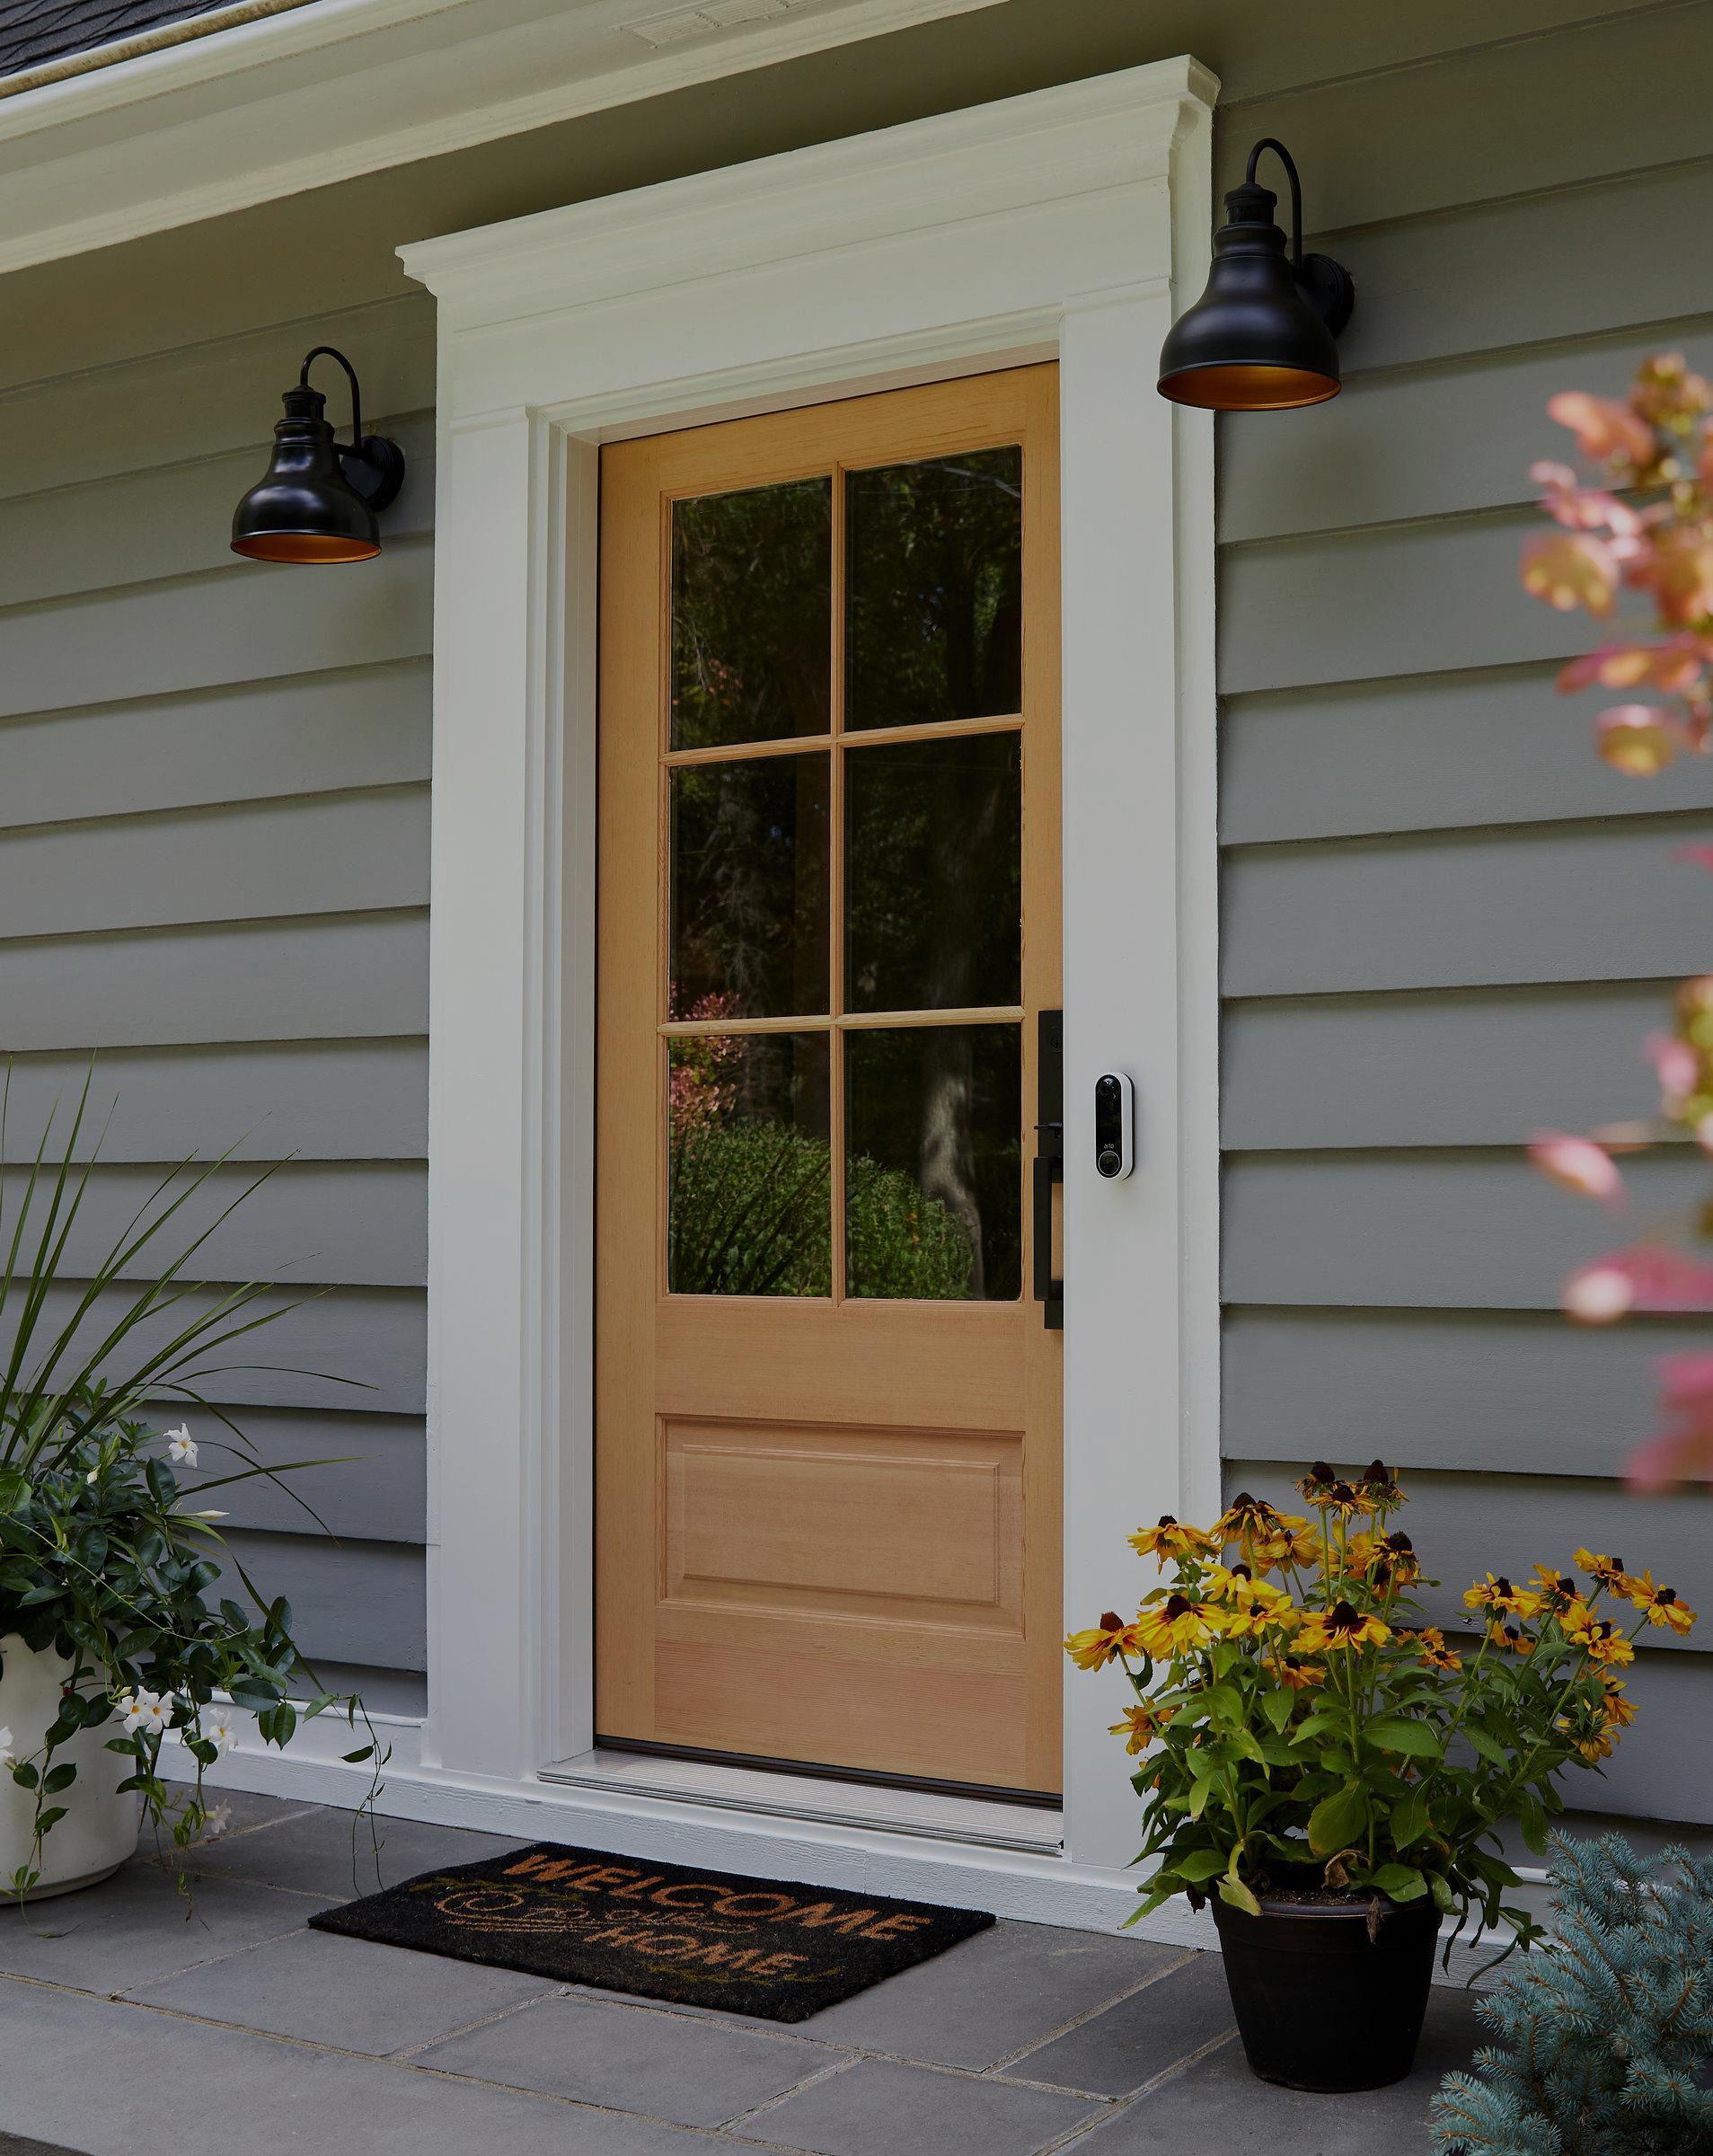 door with Arlo video doorbell